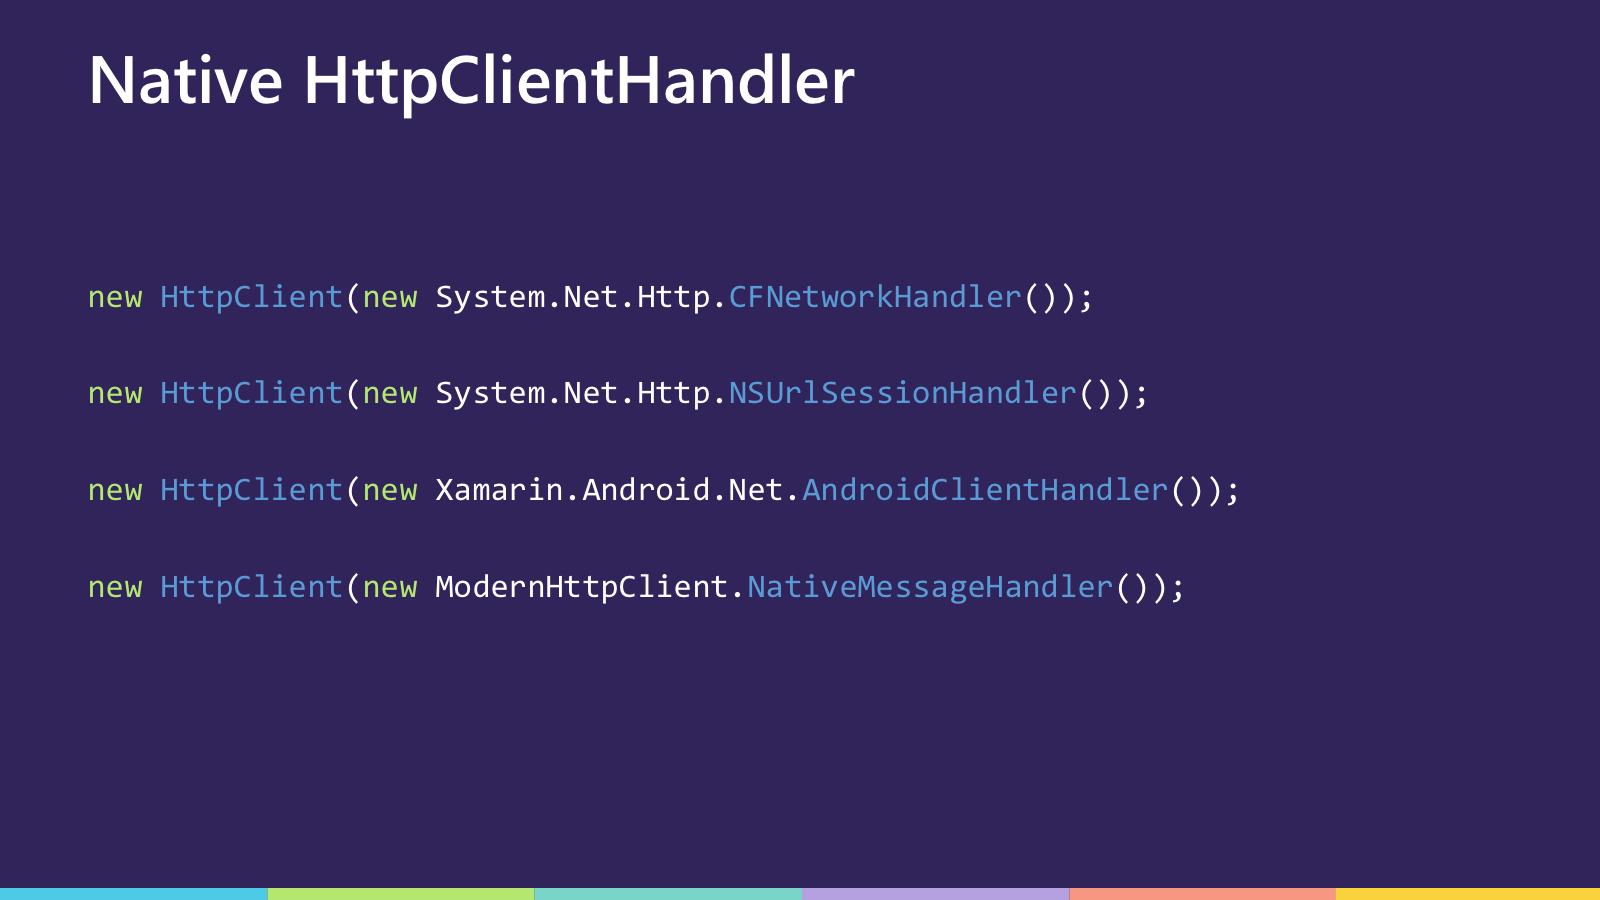 HttpClientHandlers